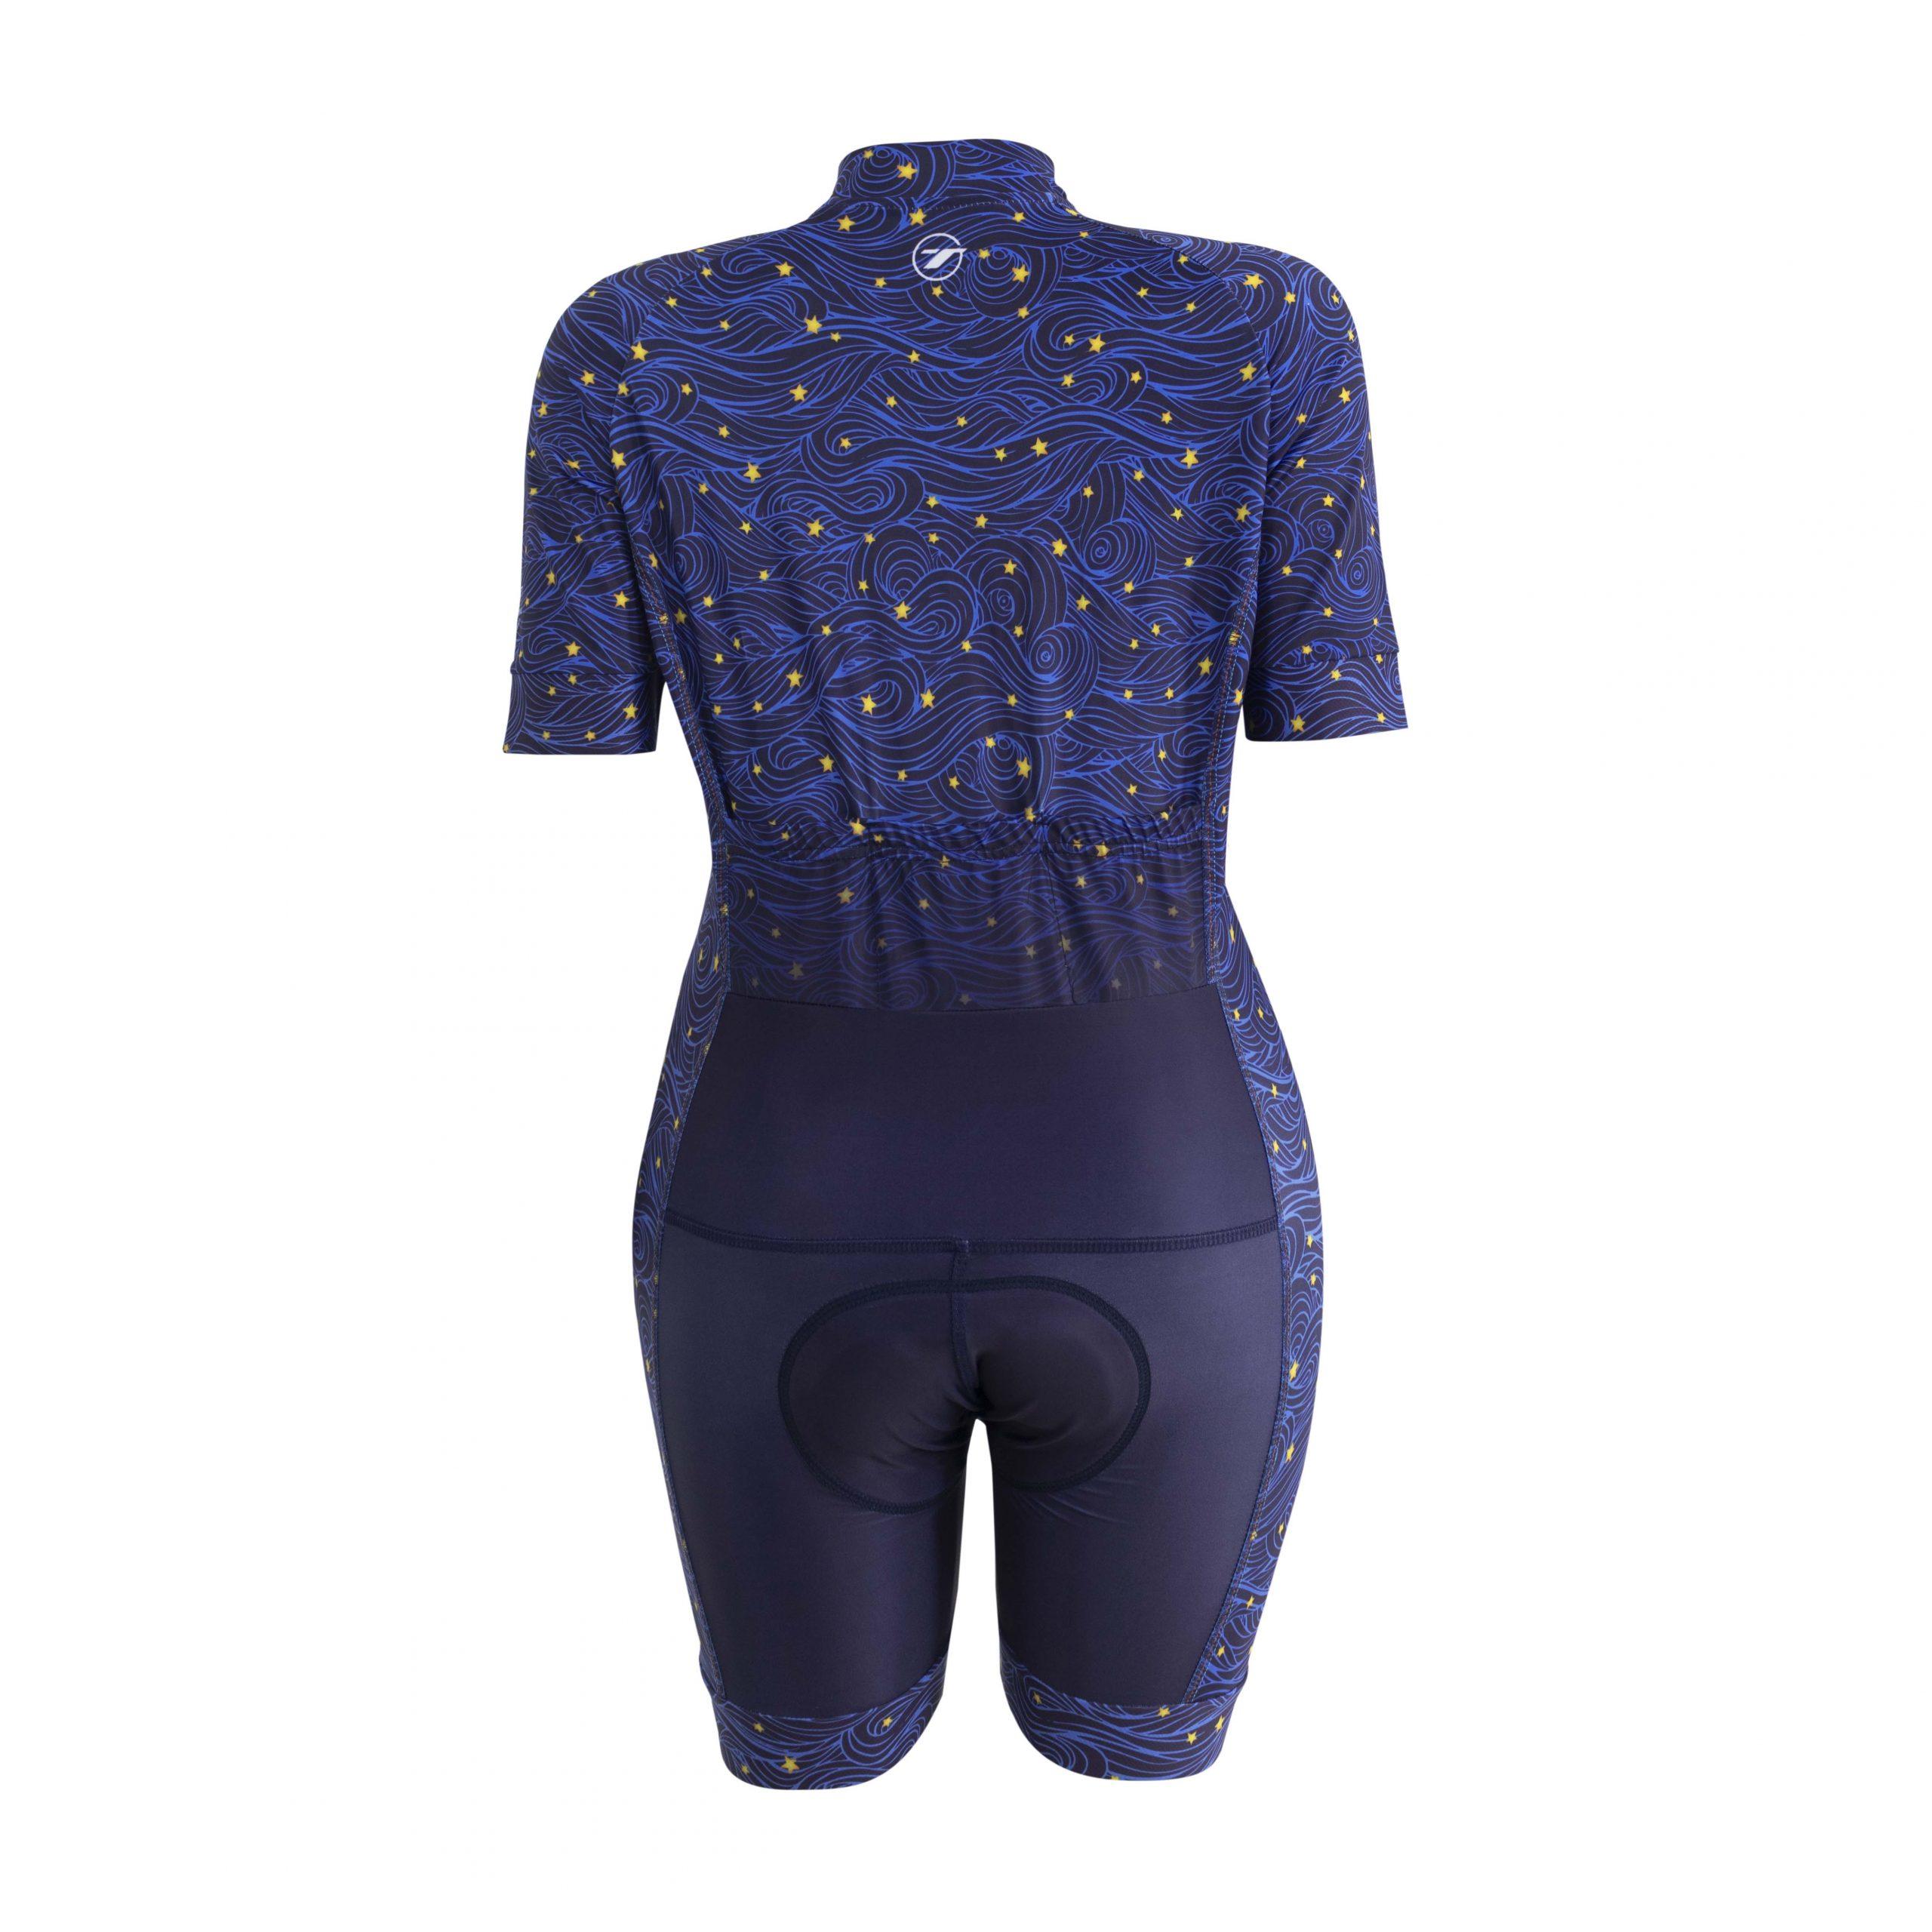 Macaquinho para ciclismo WOMAN FASHION Star 3